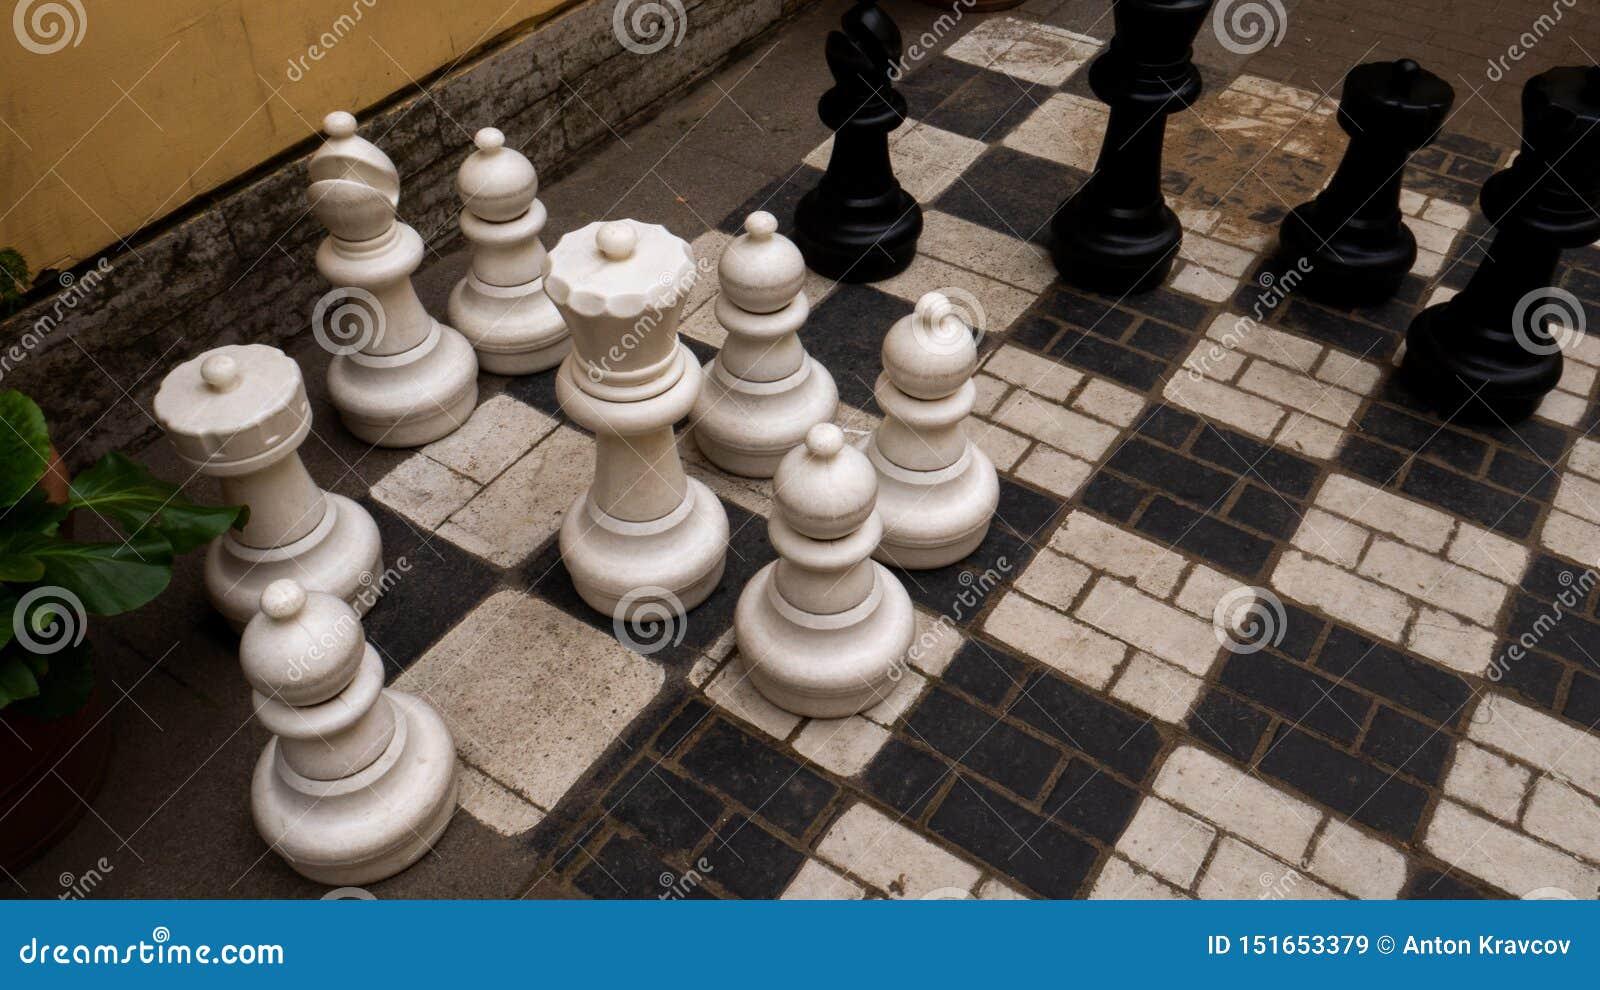 Schachbrett mit enormen Zahlen, König, Saatkrähe